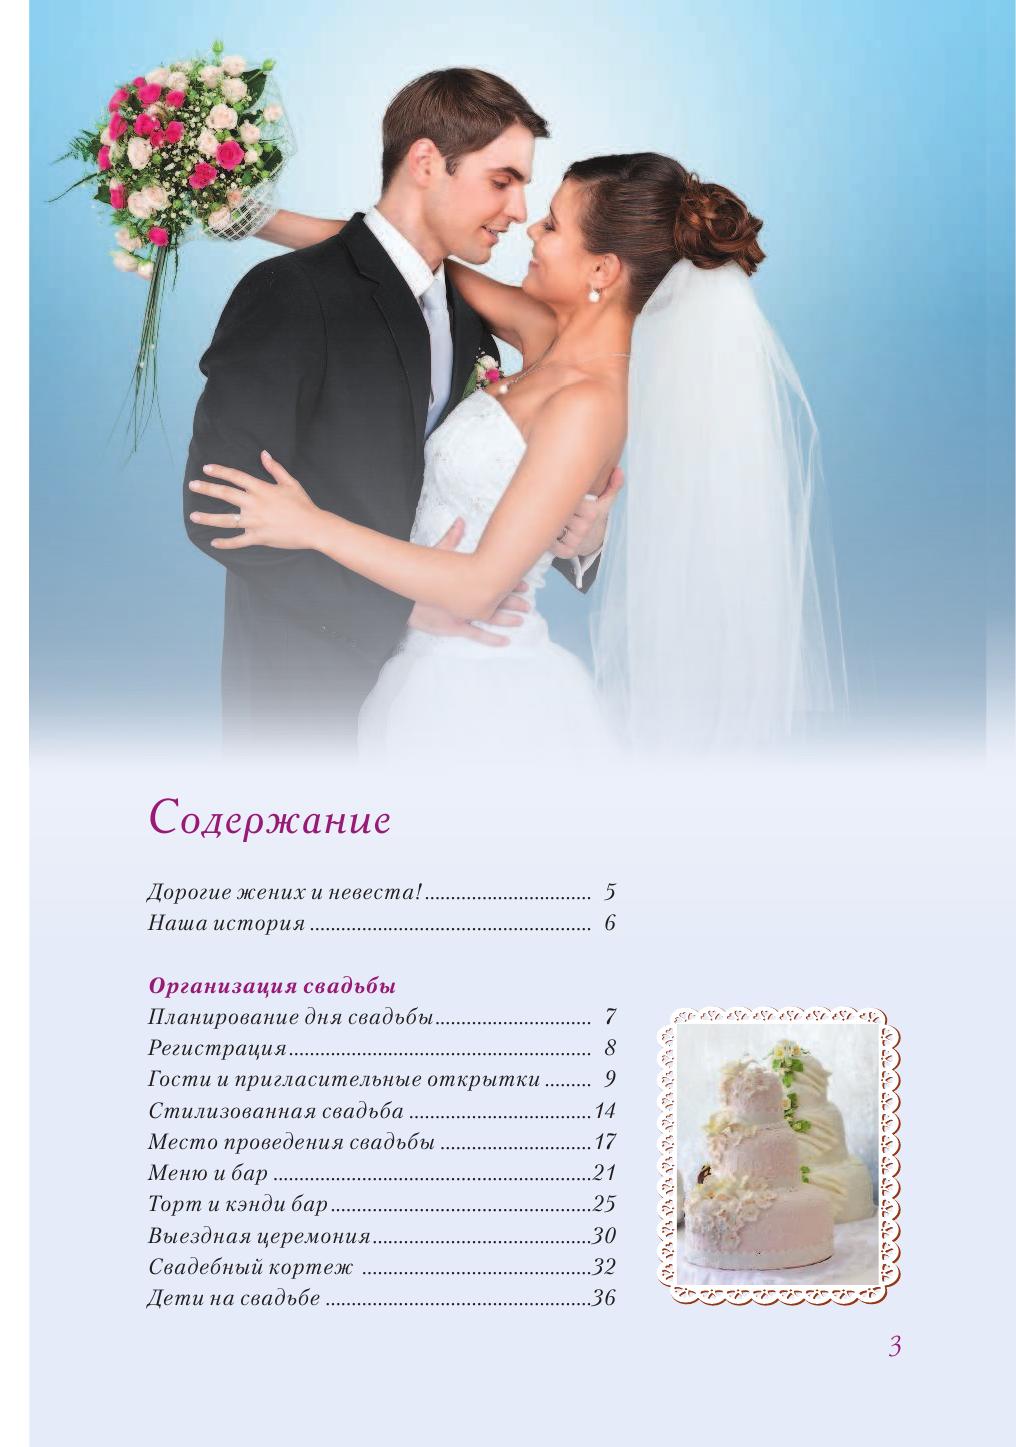 Что и когда покупать к свадьбе